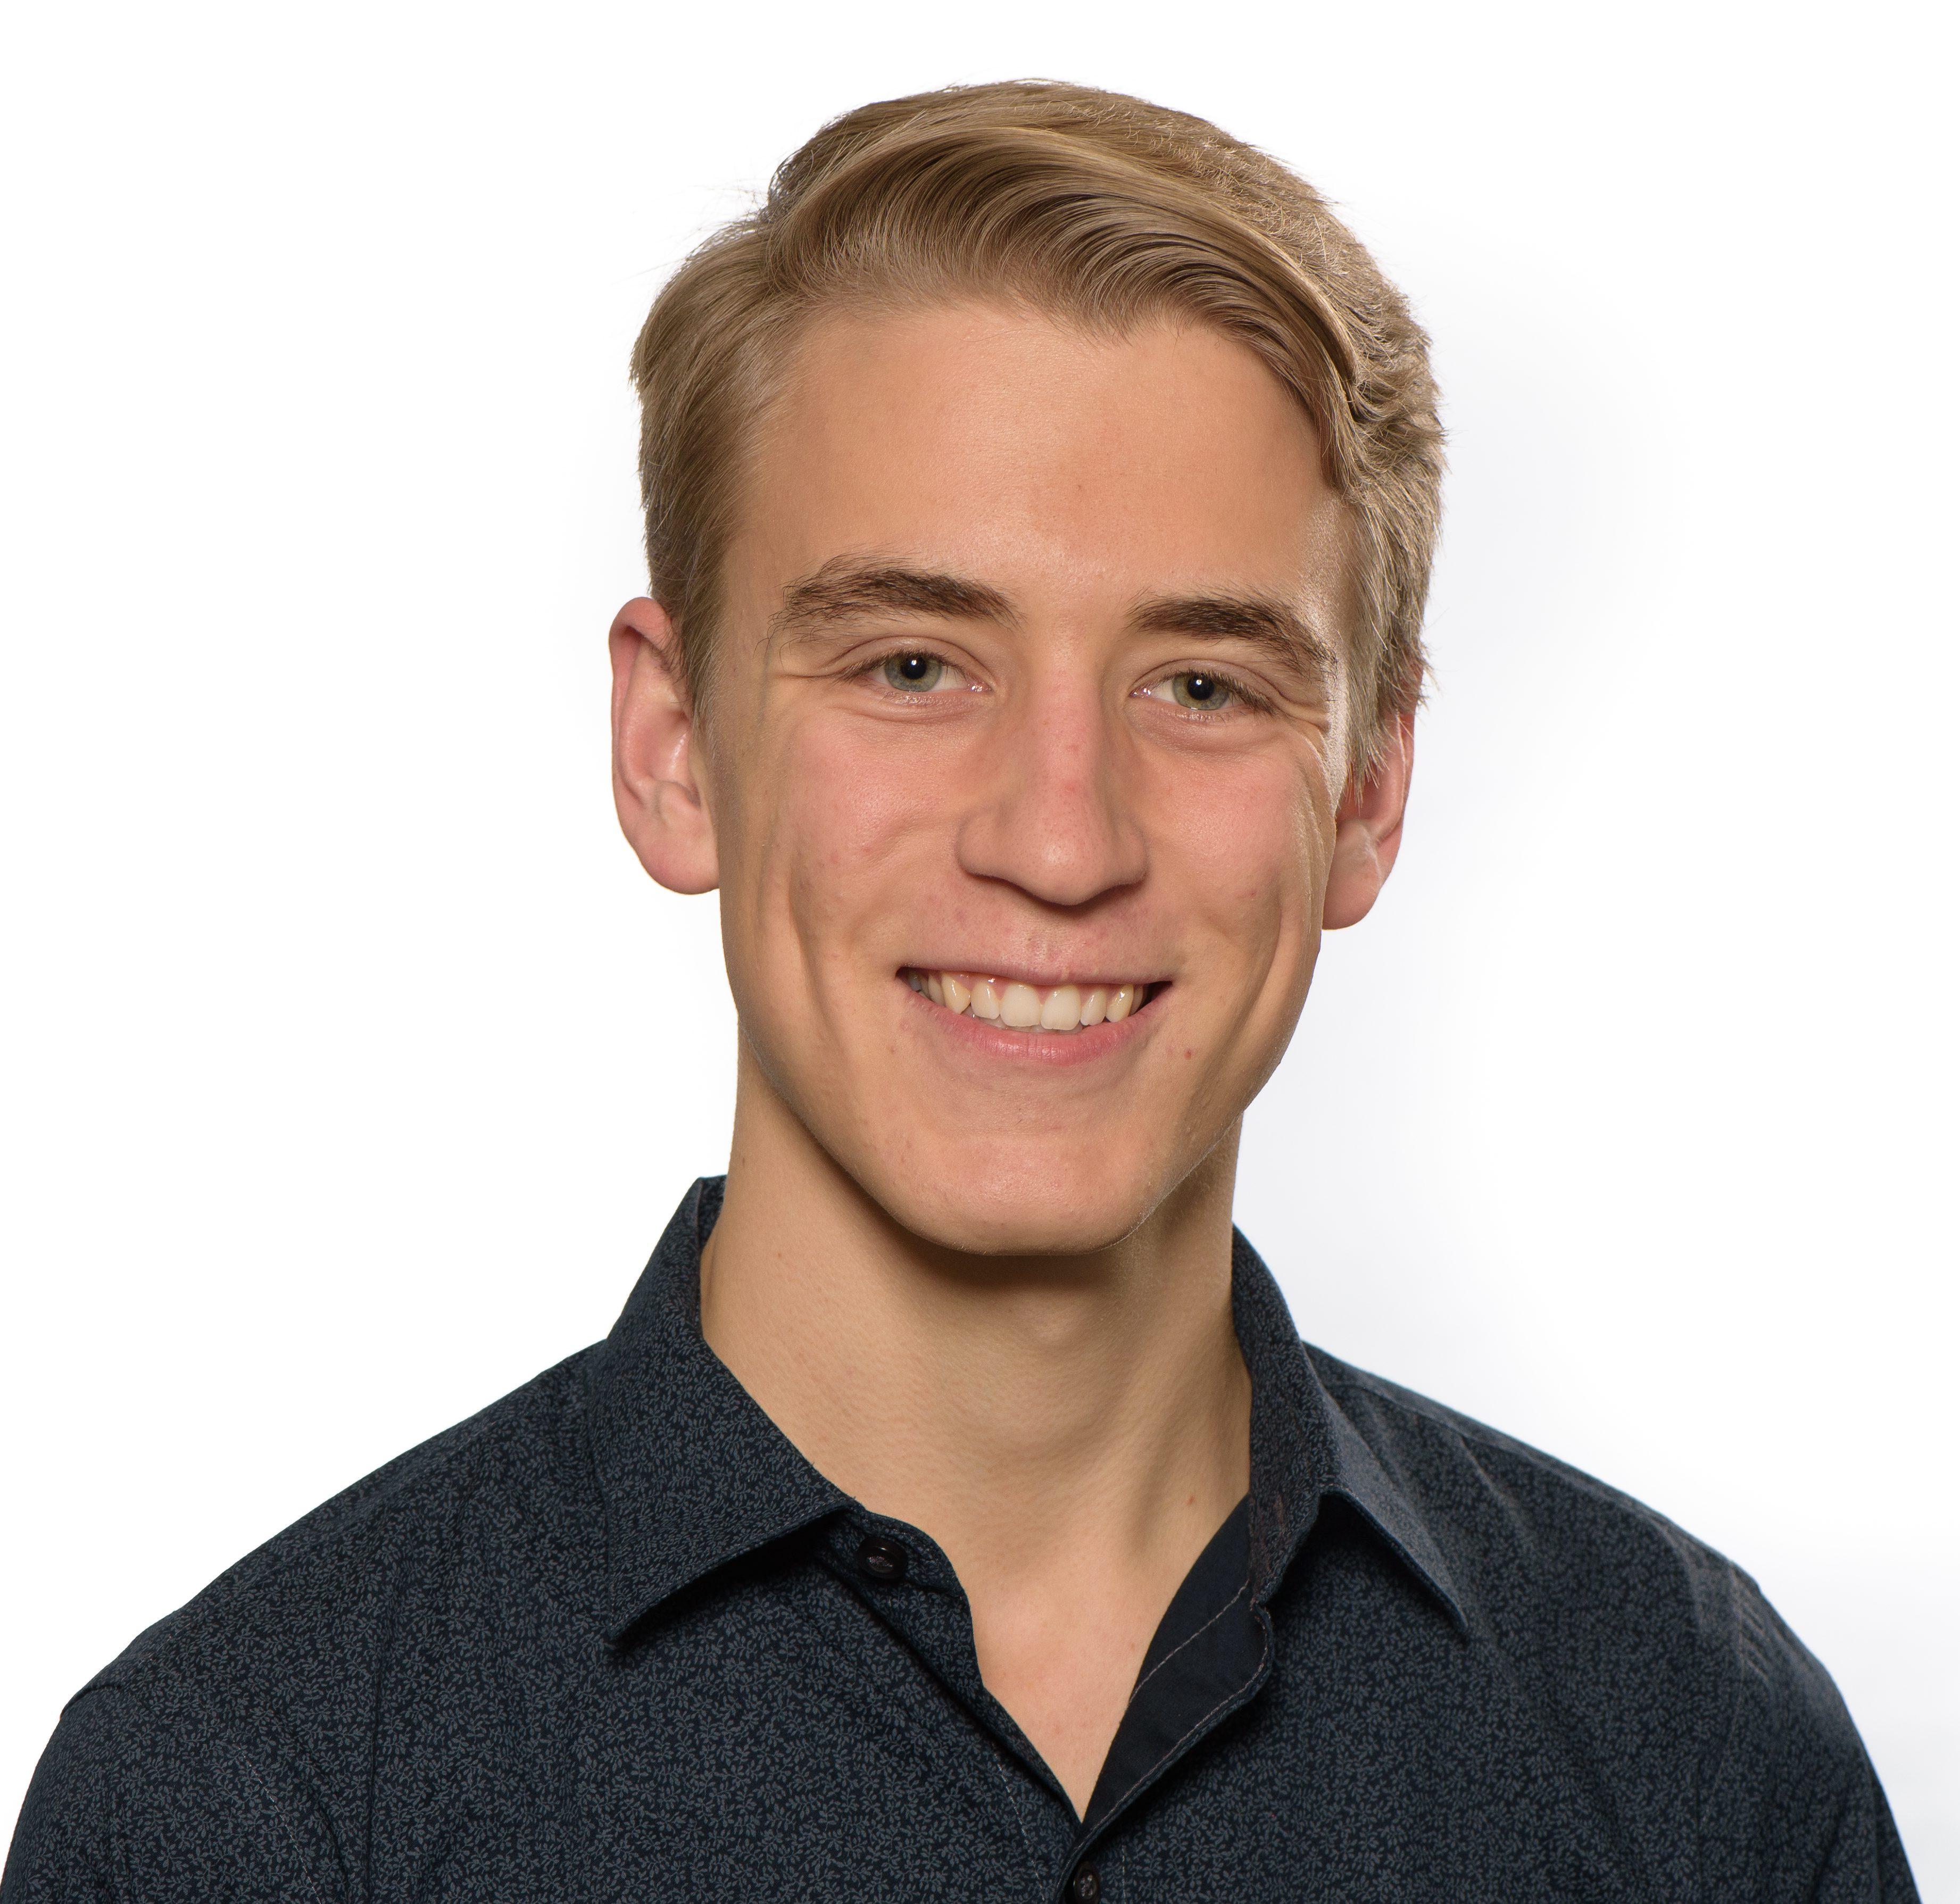 Viktor Gsteiger